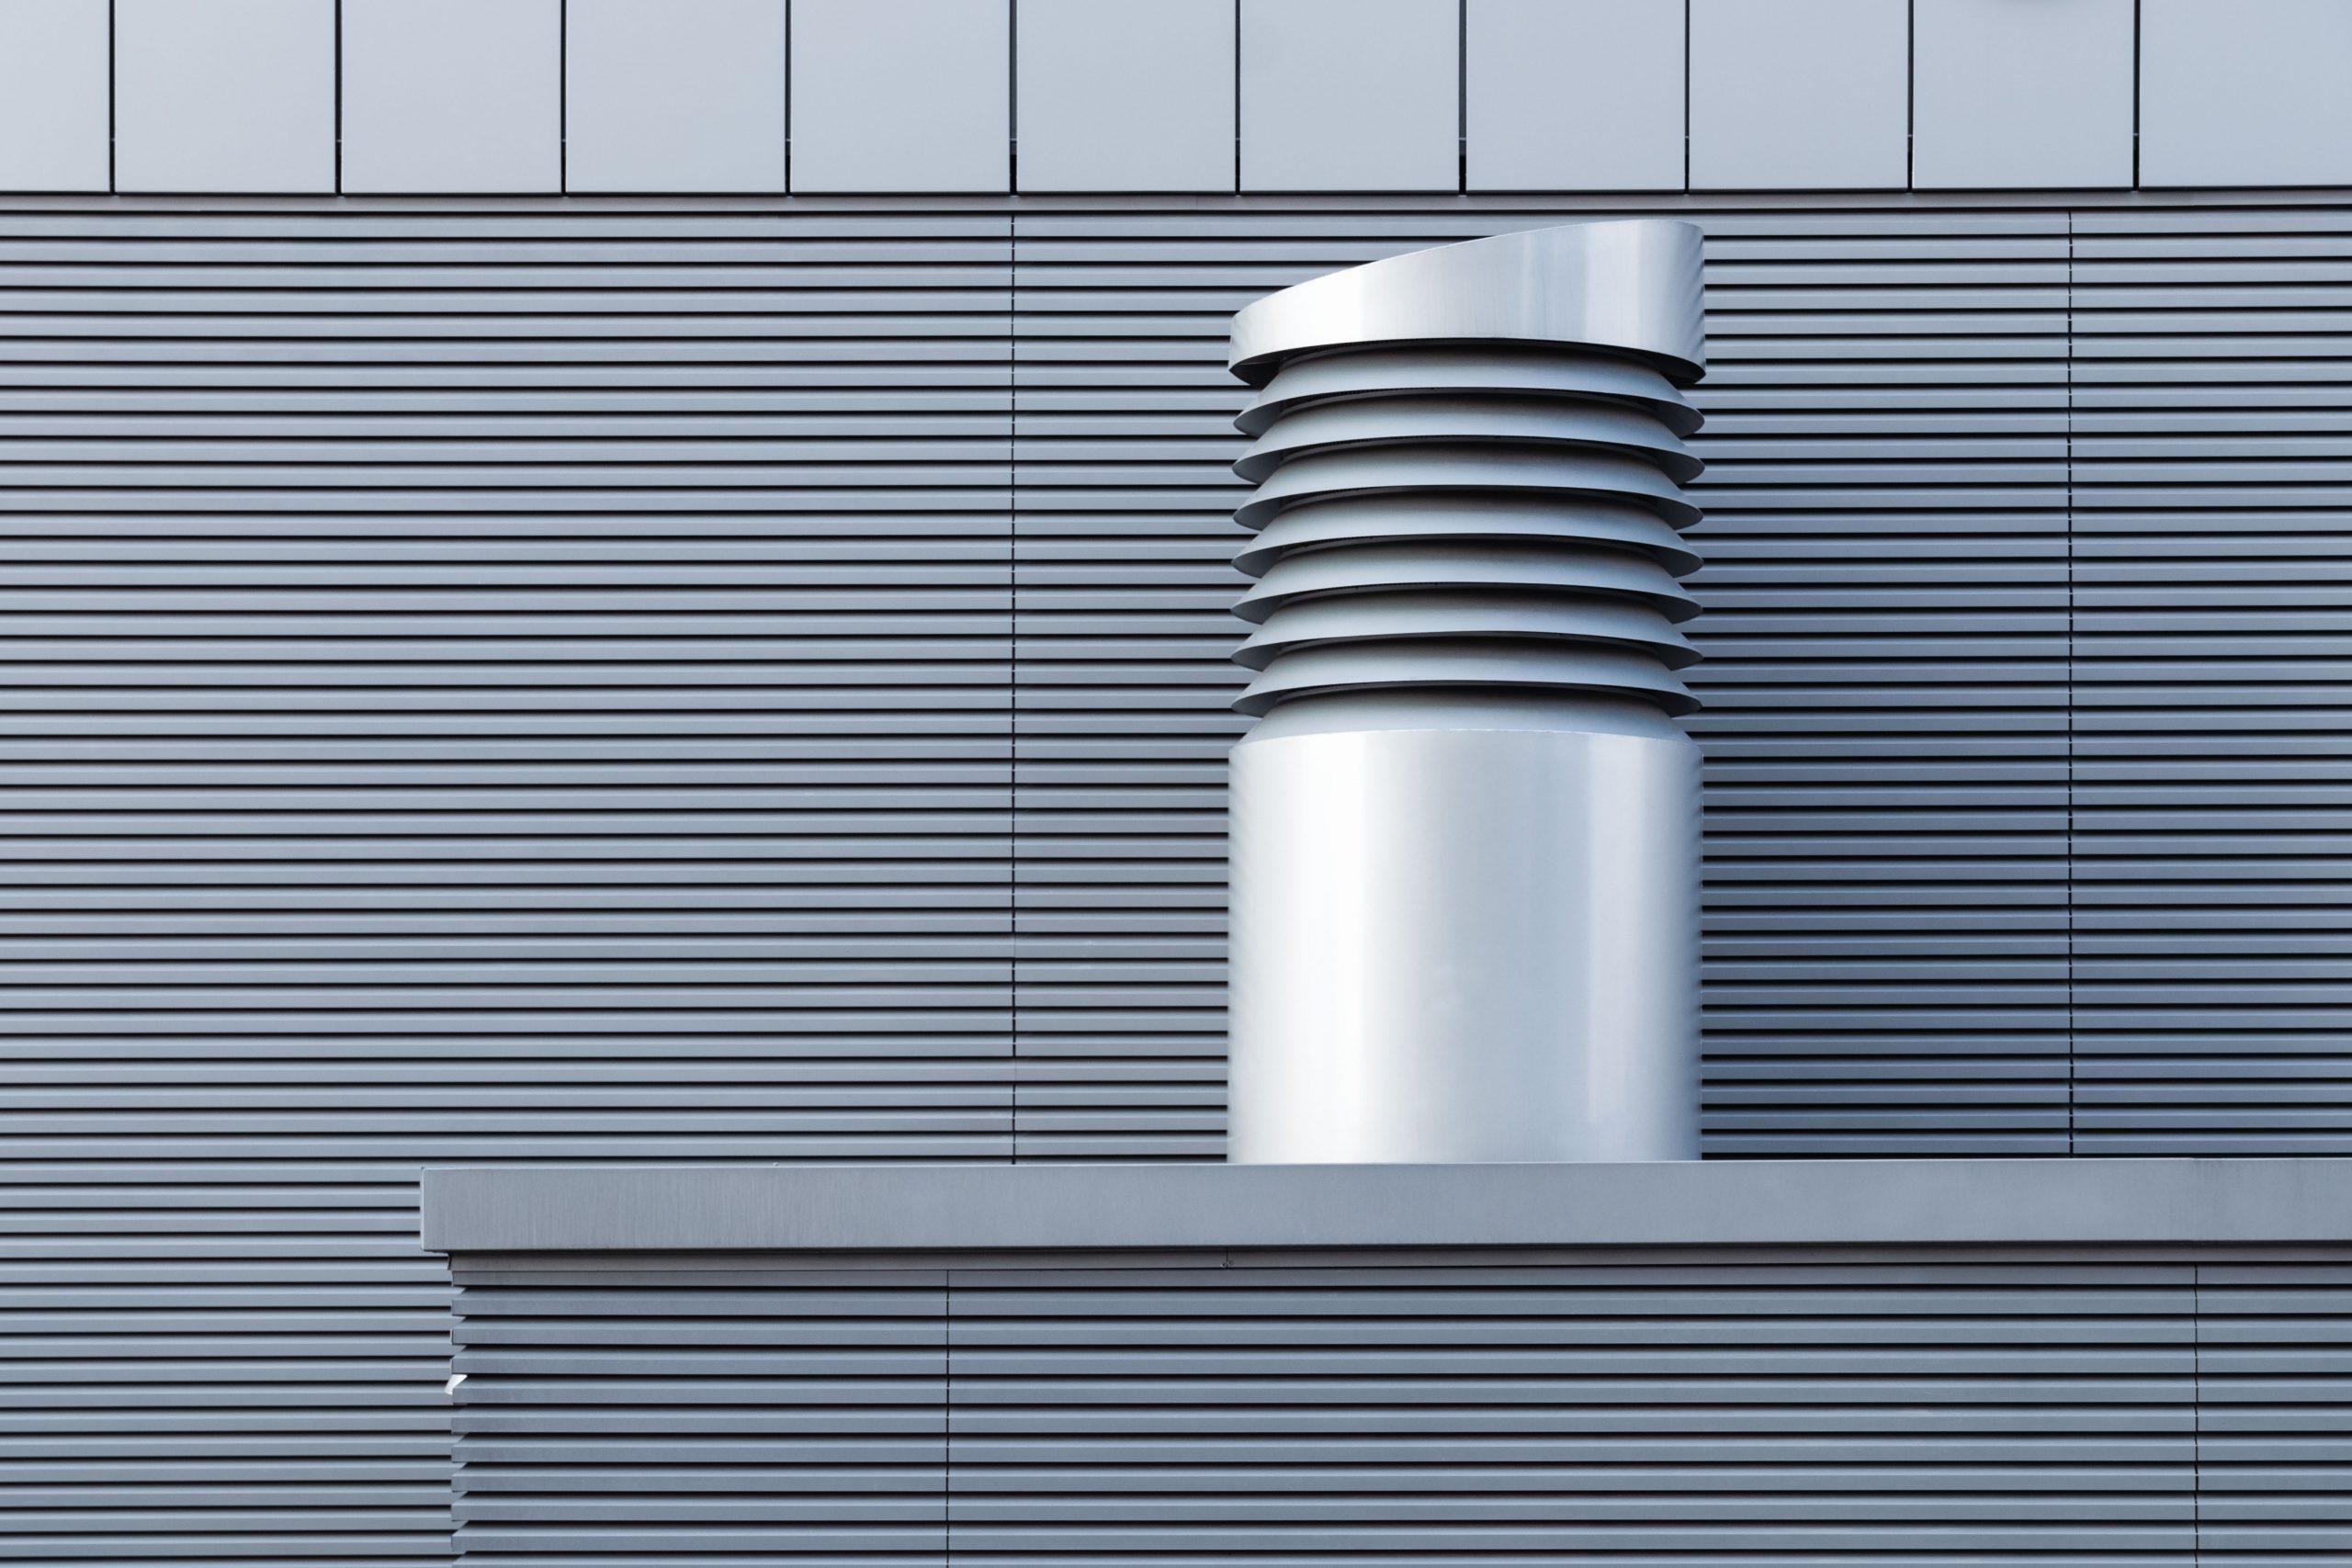 Jakie są rodzaje wentylacji? Jaki system wentylacji jest odpowiedni dla budynków jednorodzinnych?